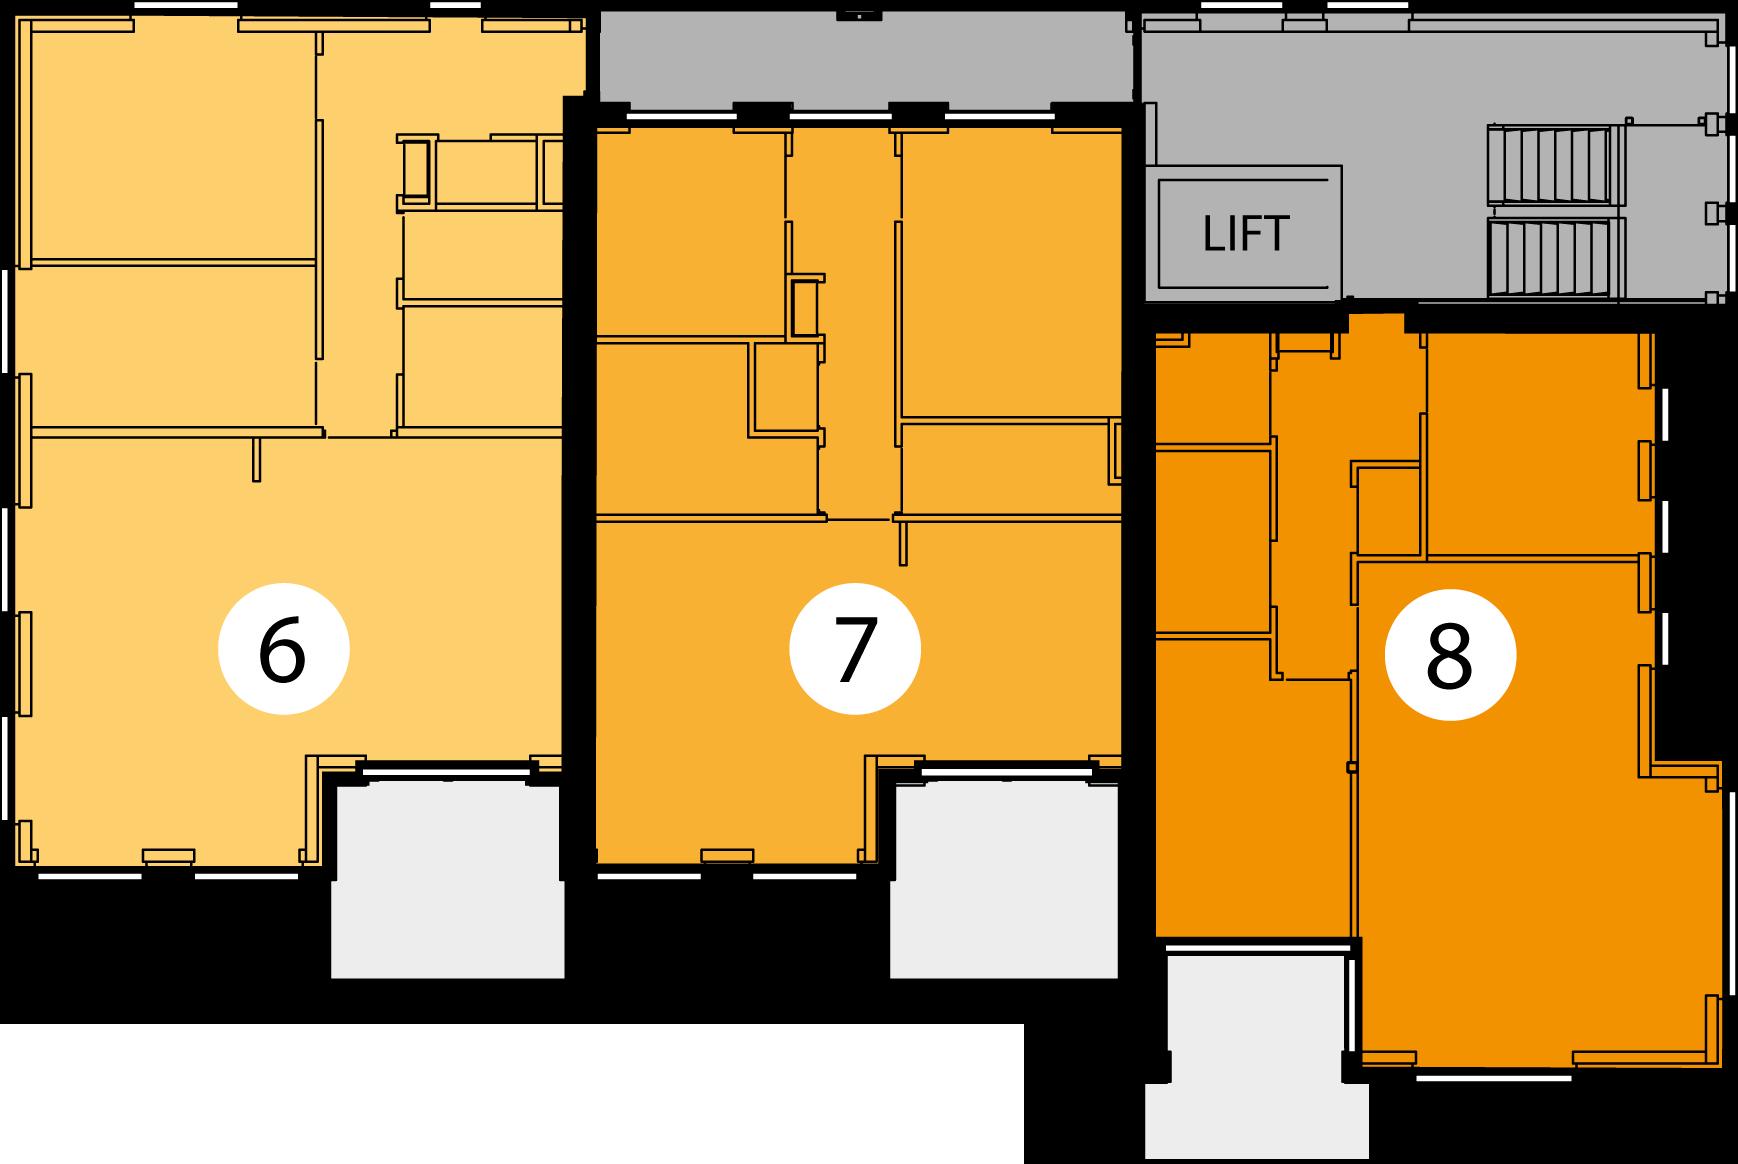 Appartementen 6, 7 en 8